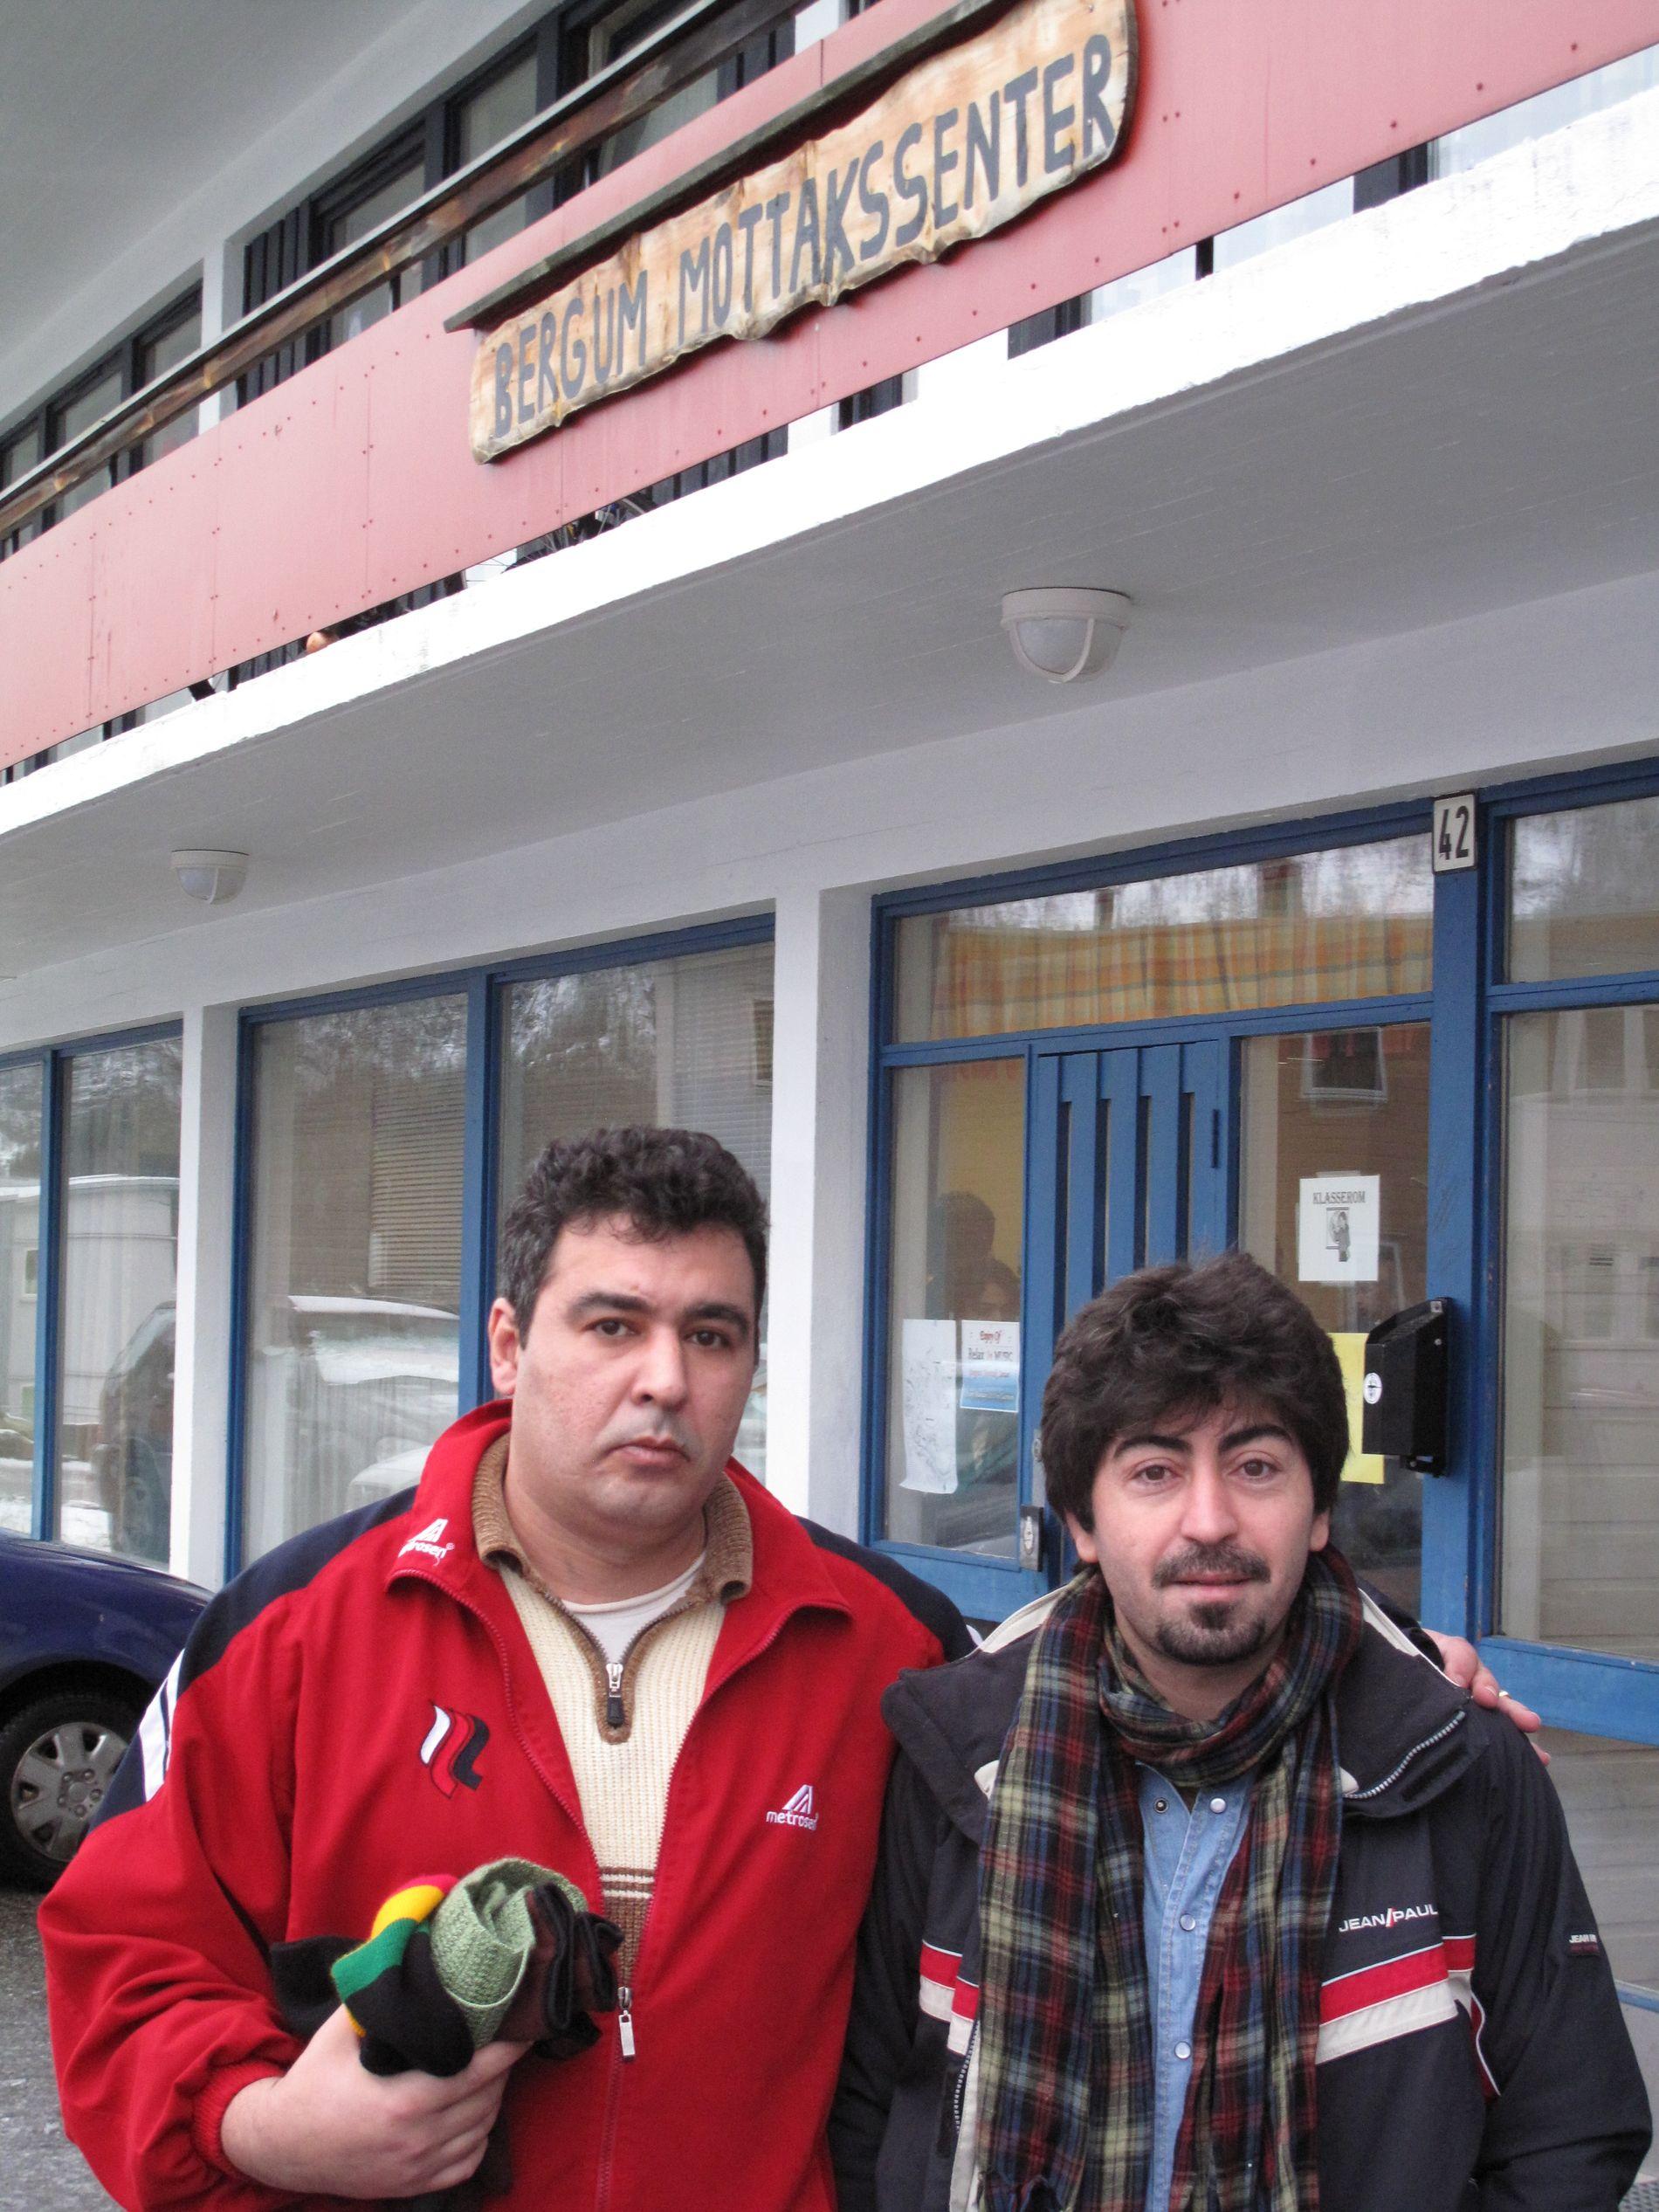 KRITISKE: Shabab Shamloo (til v.) og Tayyeh Hoshyav framførte kritikk mot dei som sit med ansvaret for den norske utlendingspolitikken.